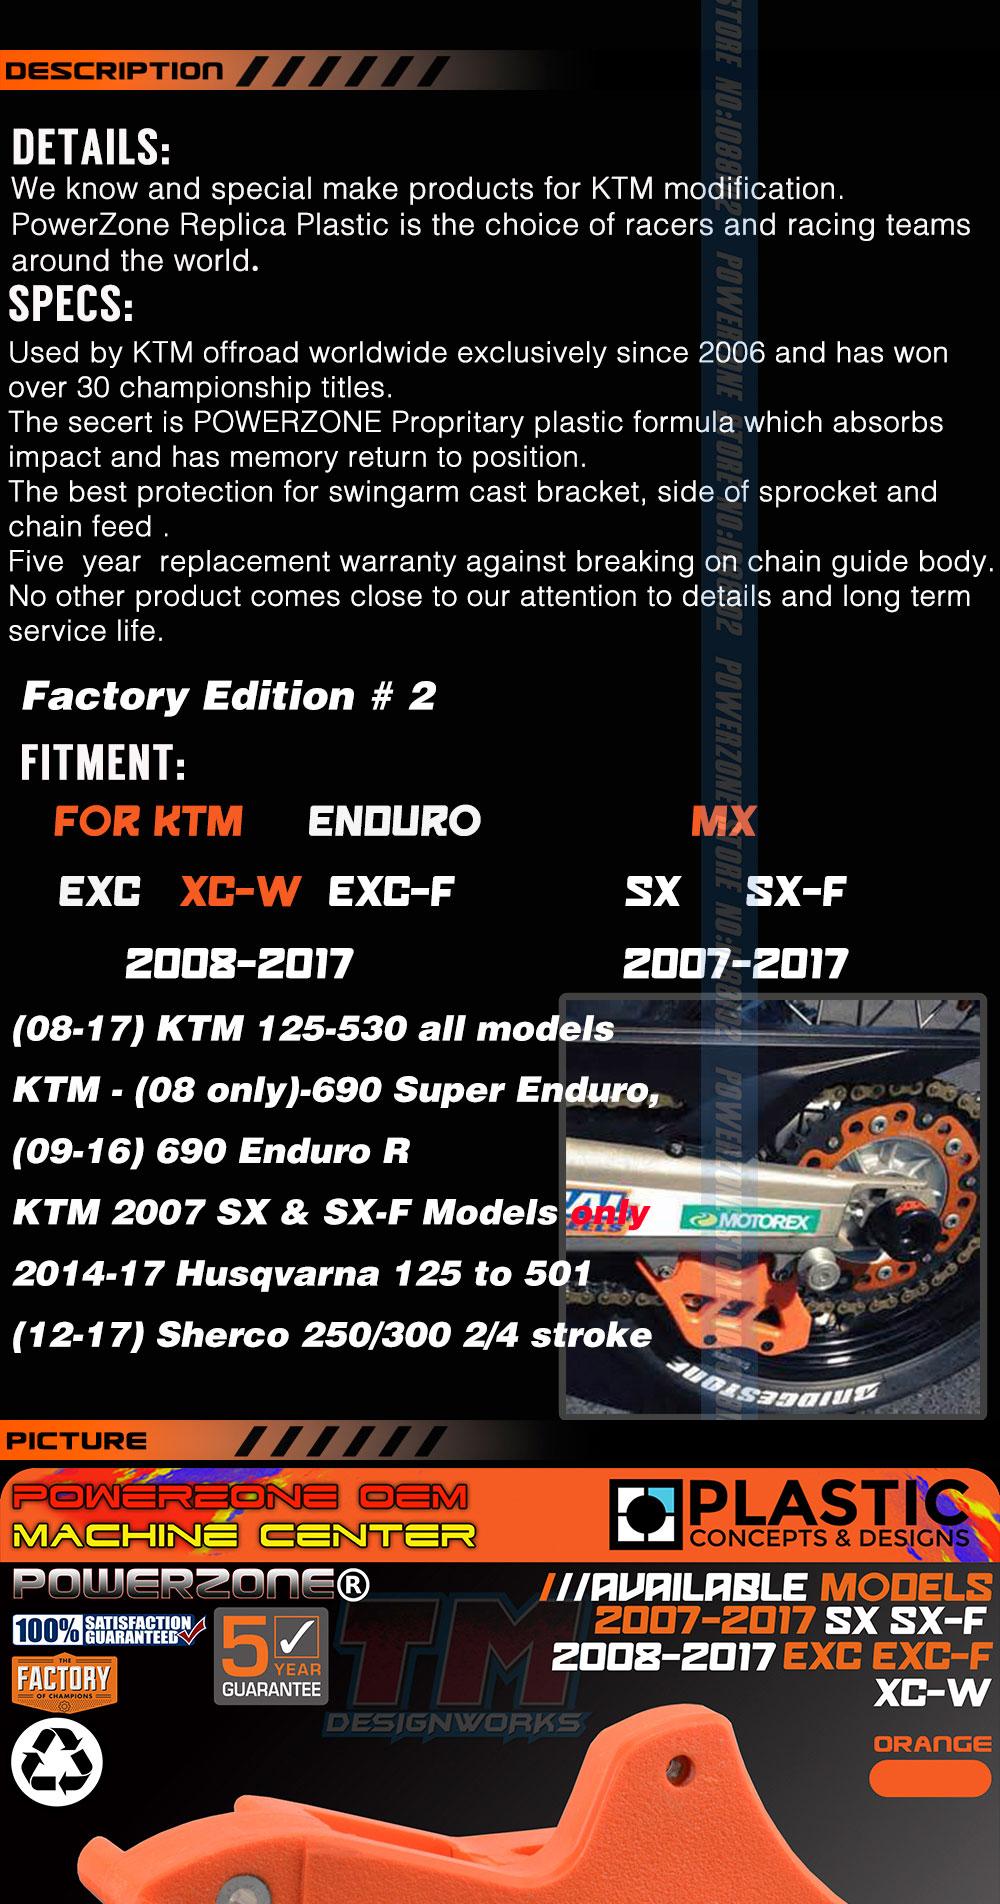 TMD-Chain-Guide-W_01